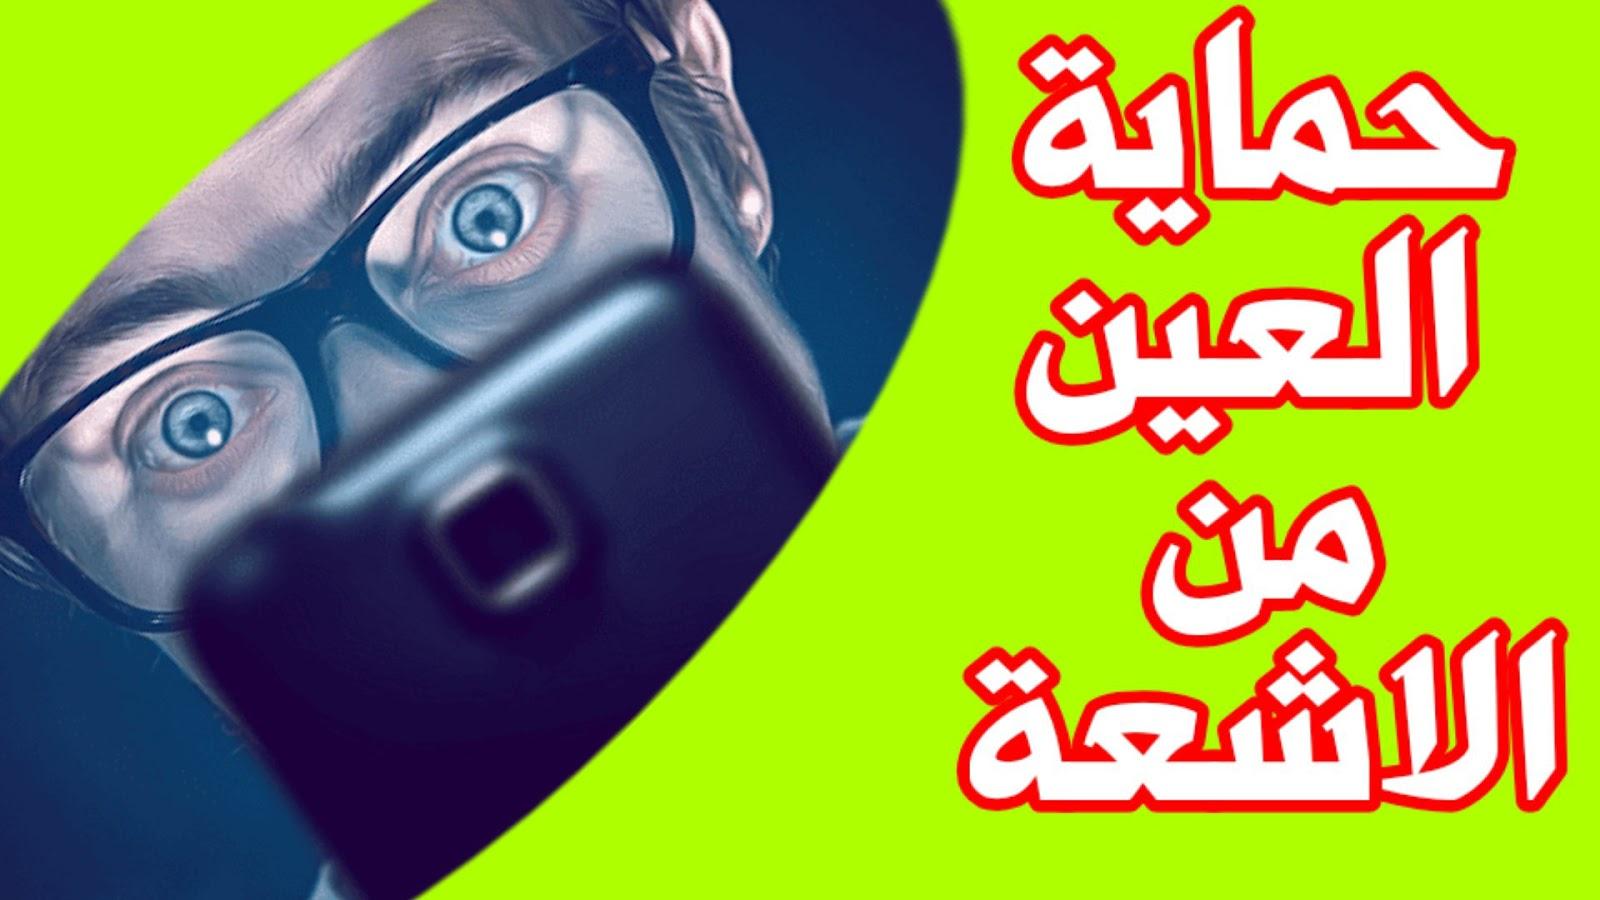 كيفية حماية العين من أشعة الهاتف / لن تحتاج إلى نظارات أو واقي شاشة الجوال